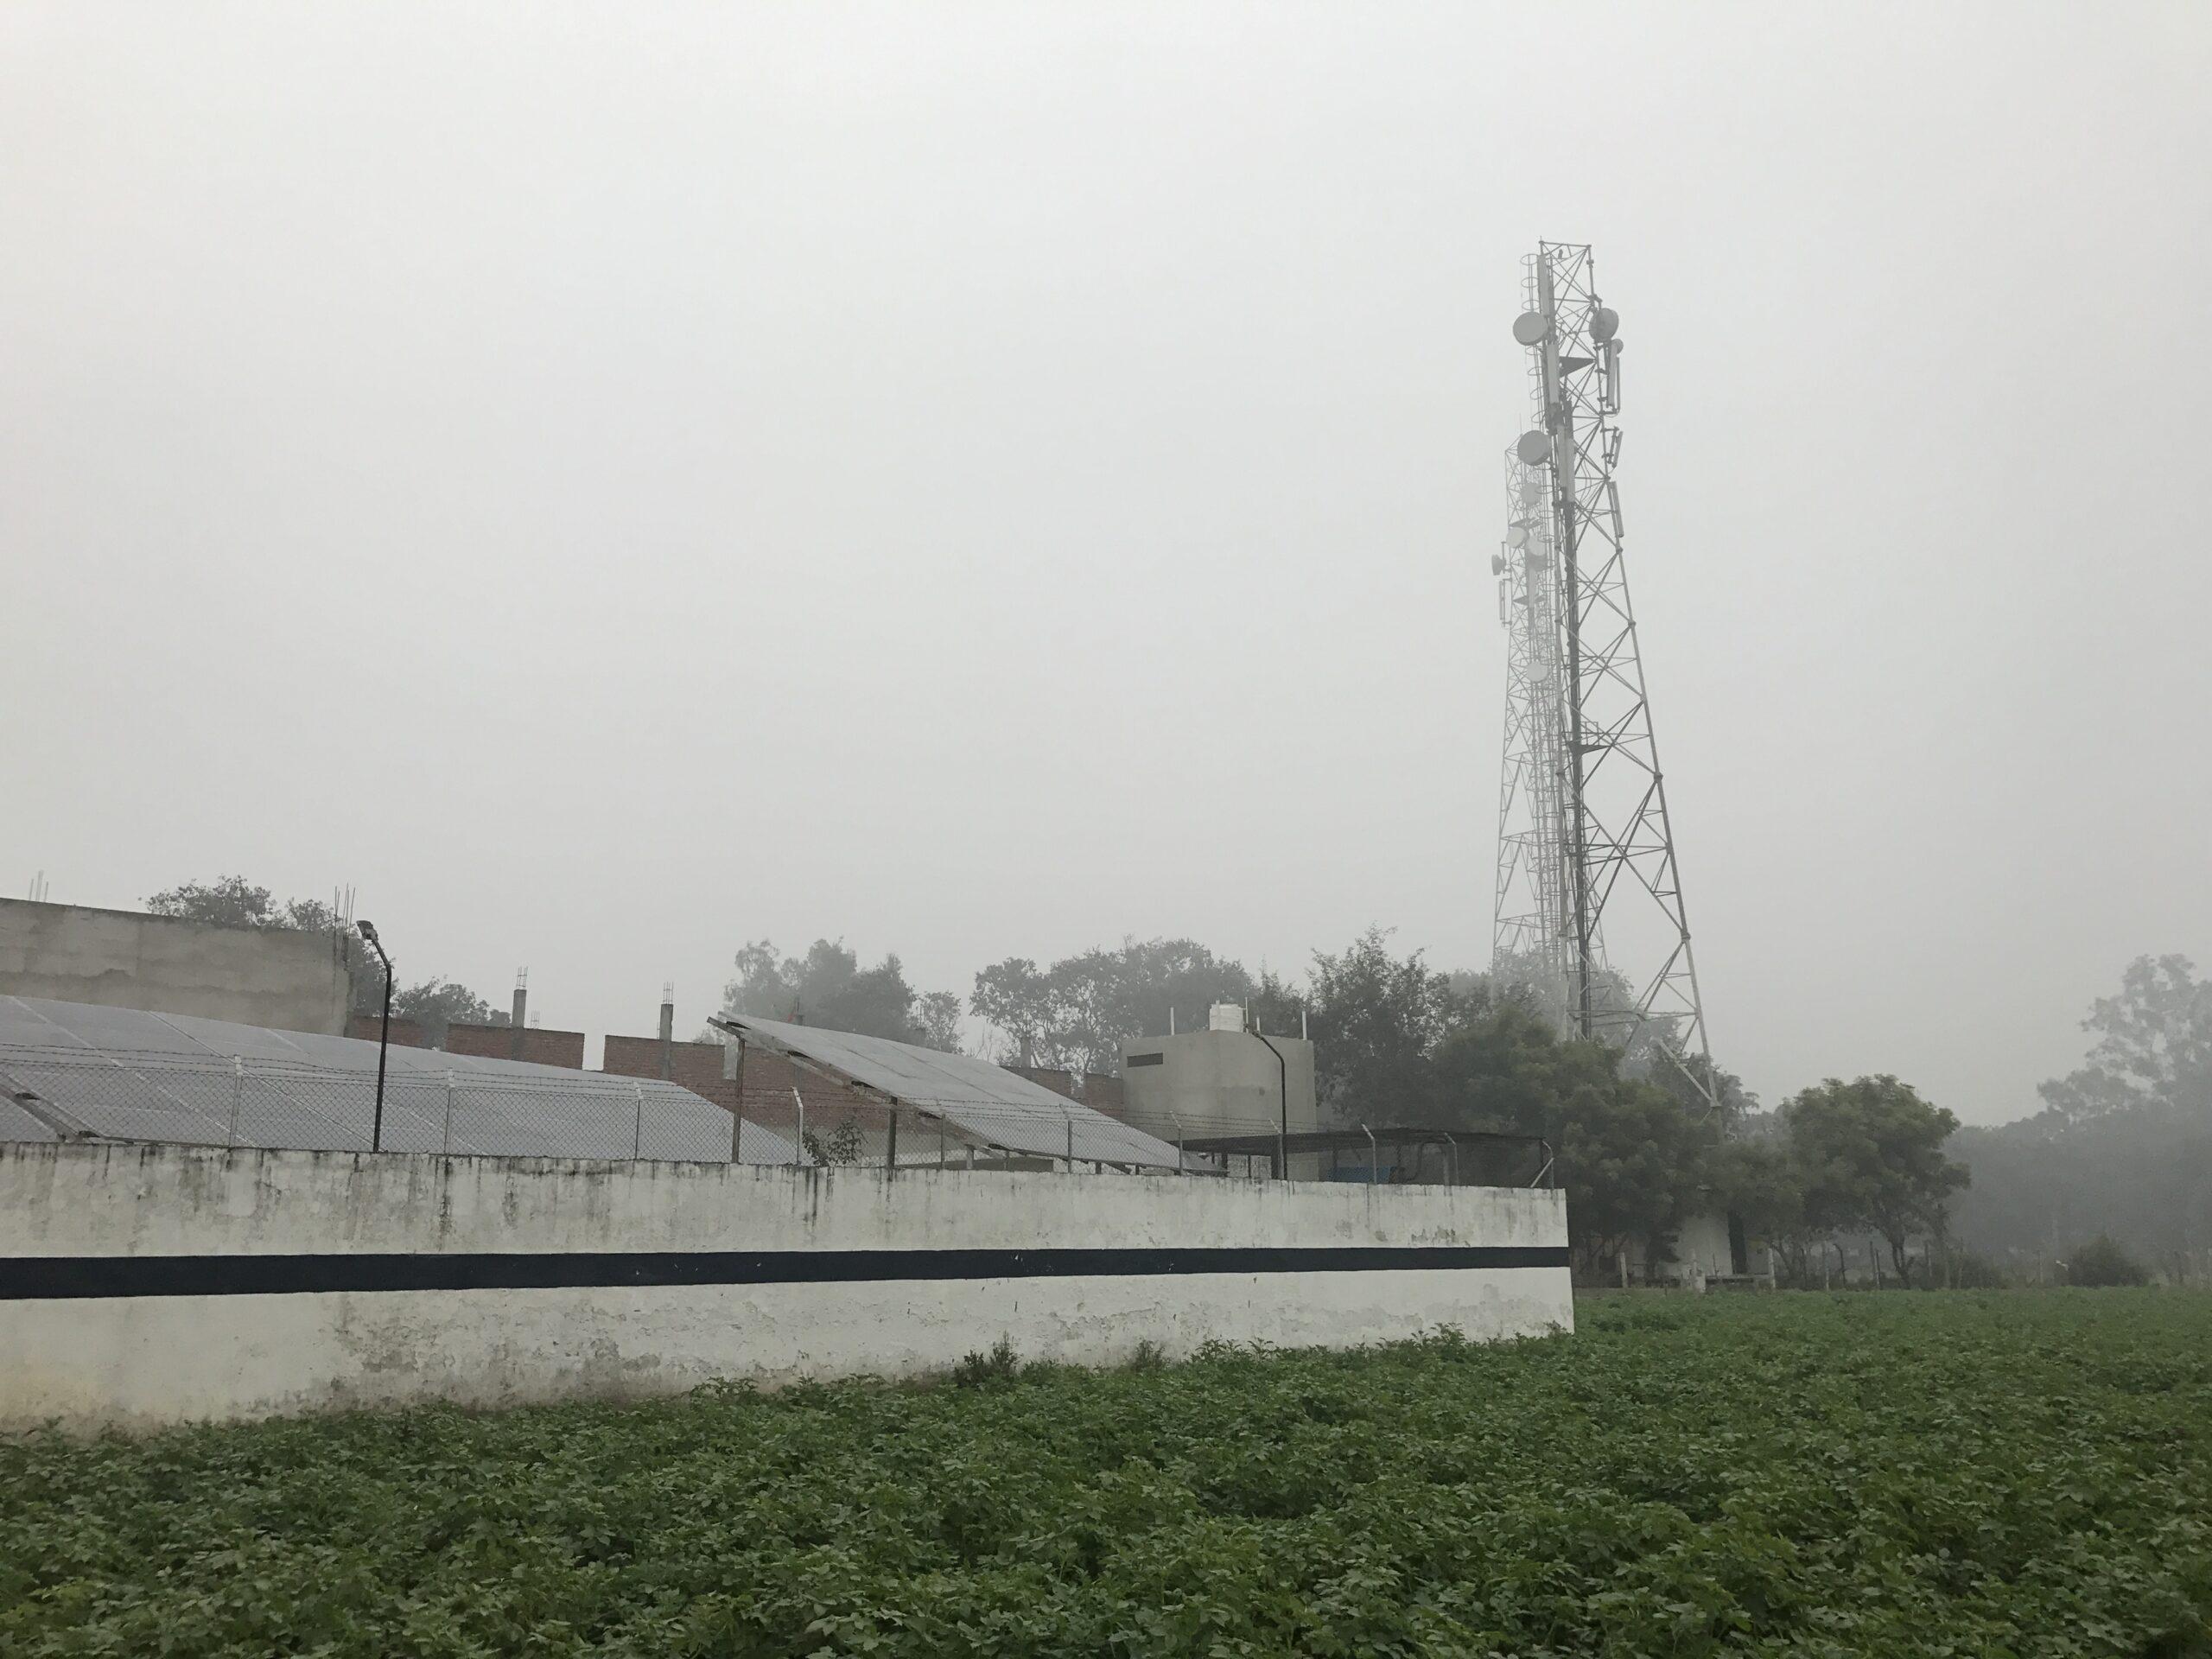 Tammikuussa aurinko ei usein paista, mutta suurimman osan vuodesta Intian aurinkopotentiaali on erinomainen. Nämä aurinkopaneelit tuottavat sähköä mikroverkkoon, jota paikalliset kotitaloudet ja yritykset käyttävät sähkökatkojen aikana.